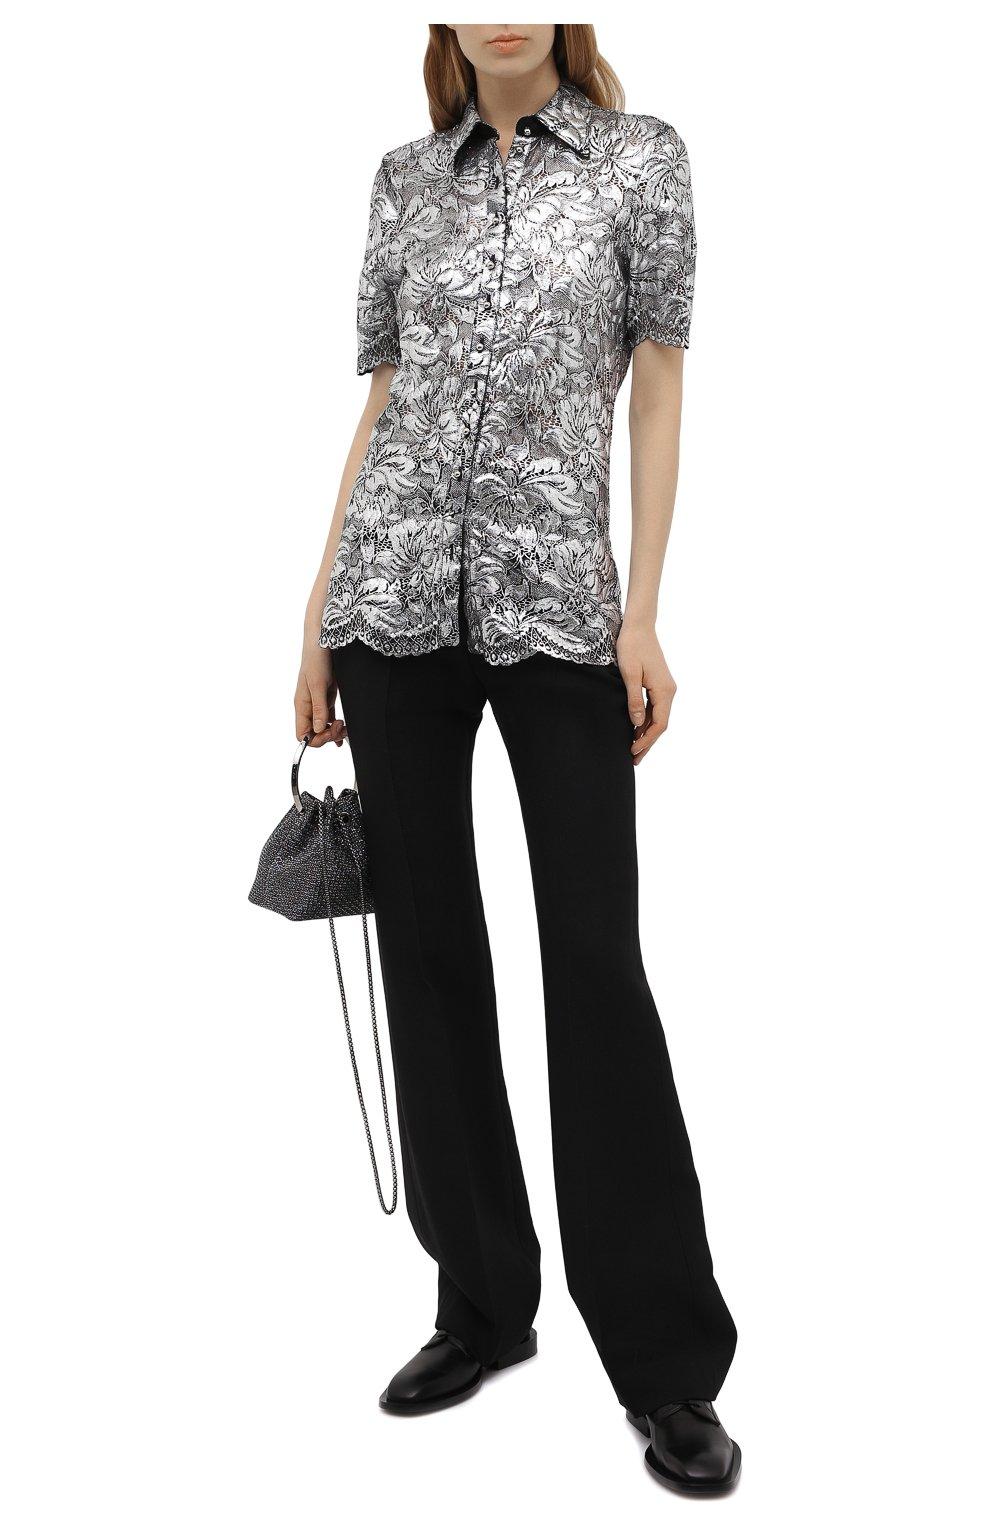 Женская блузка PACO RABANNE серебряного цвета, арт. 21EJCE057PA0173   Фото 2 (Принт: Без принта; Рукава: Короткие; Материал внешний: Синтетический материал; Длина (для топов): Удлиненные; Стили: Романтичный; Женское Кросс-КТ: Блуза-одежда)